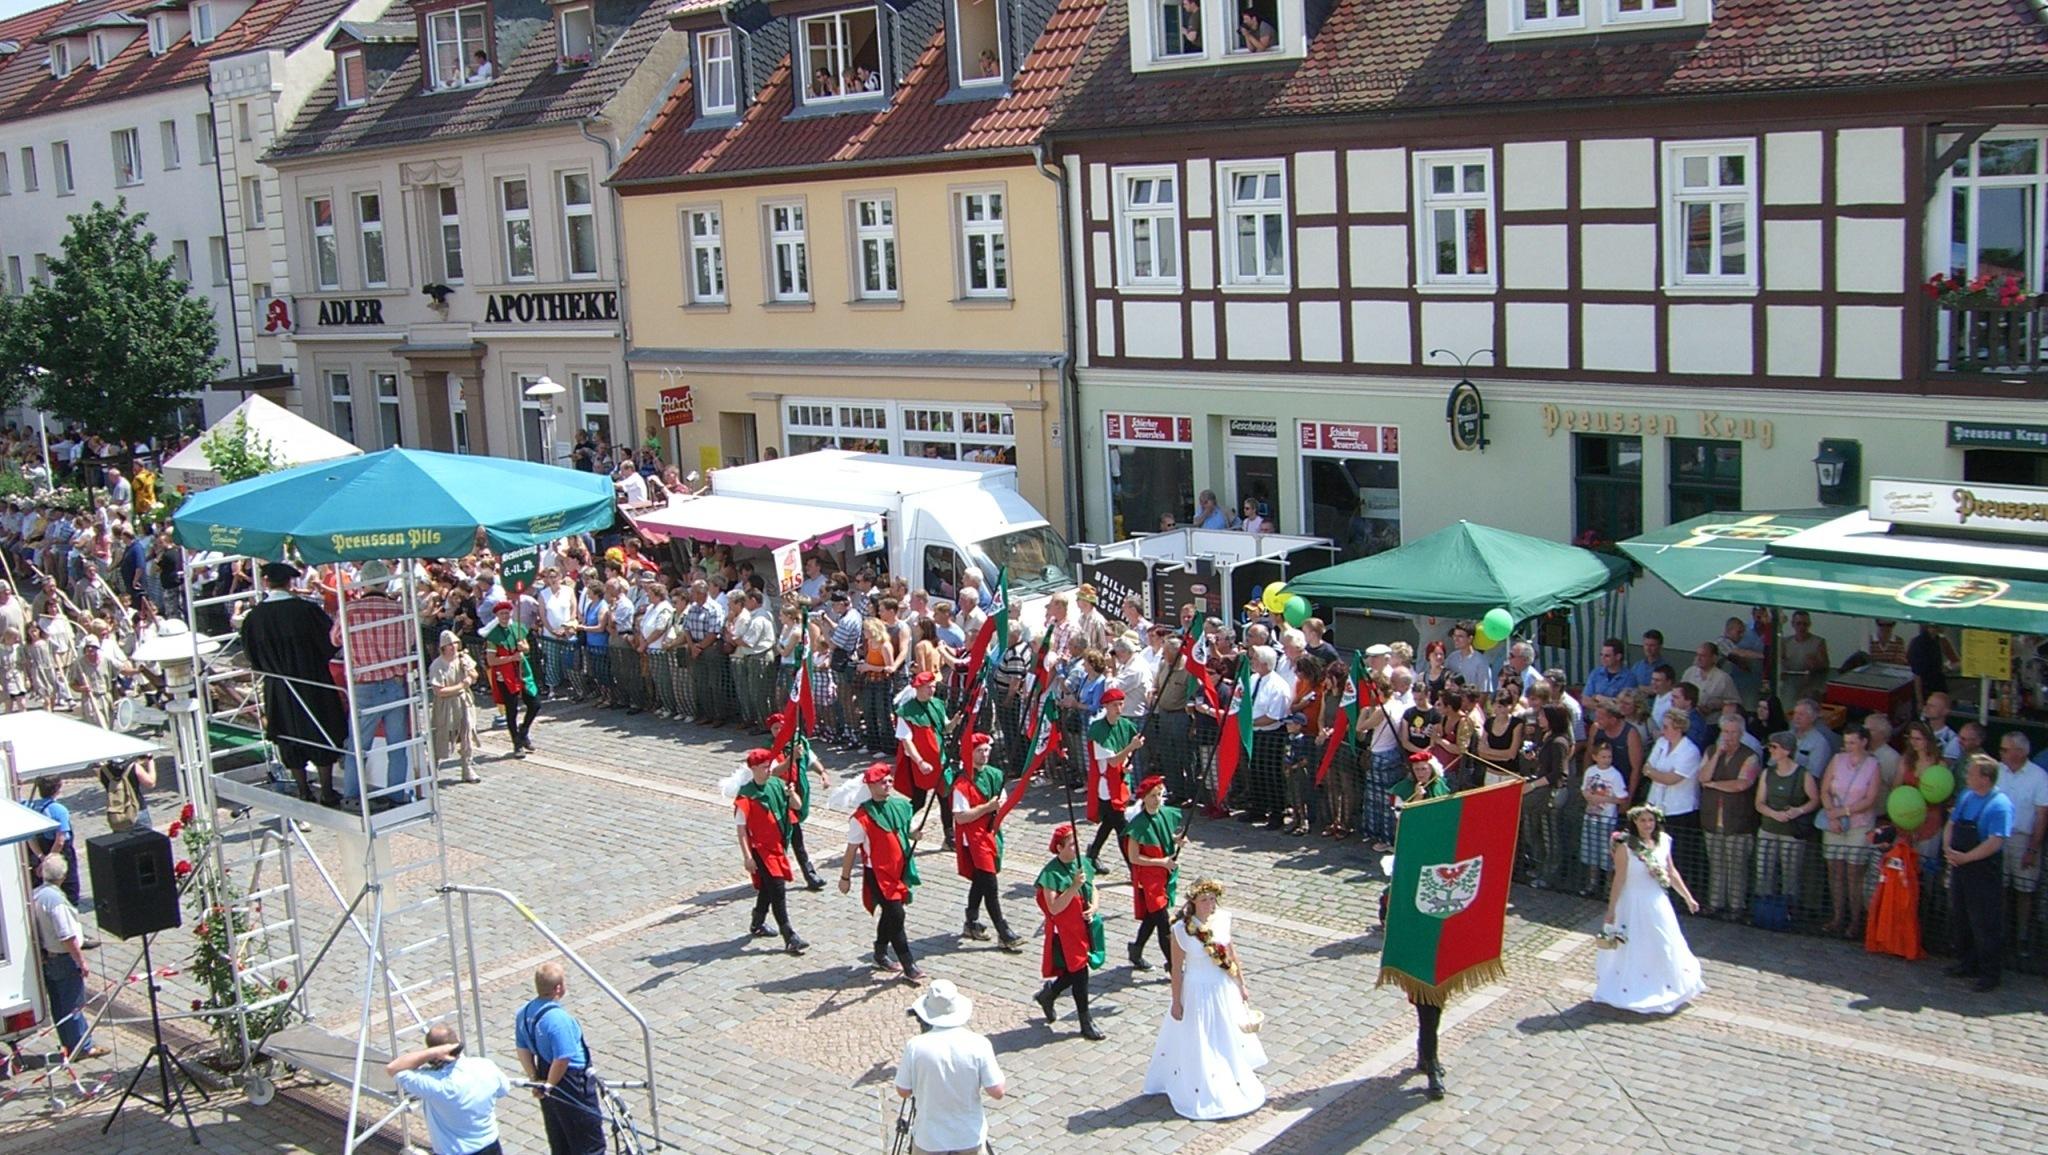 Prächtige Kostüme, Festwagen, Sonnenschein und viele Menschen prägten 2006 die Festtage zu 750 Jahre Stadtrecht in Pritzwalk. Foto: Fred Pogalski